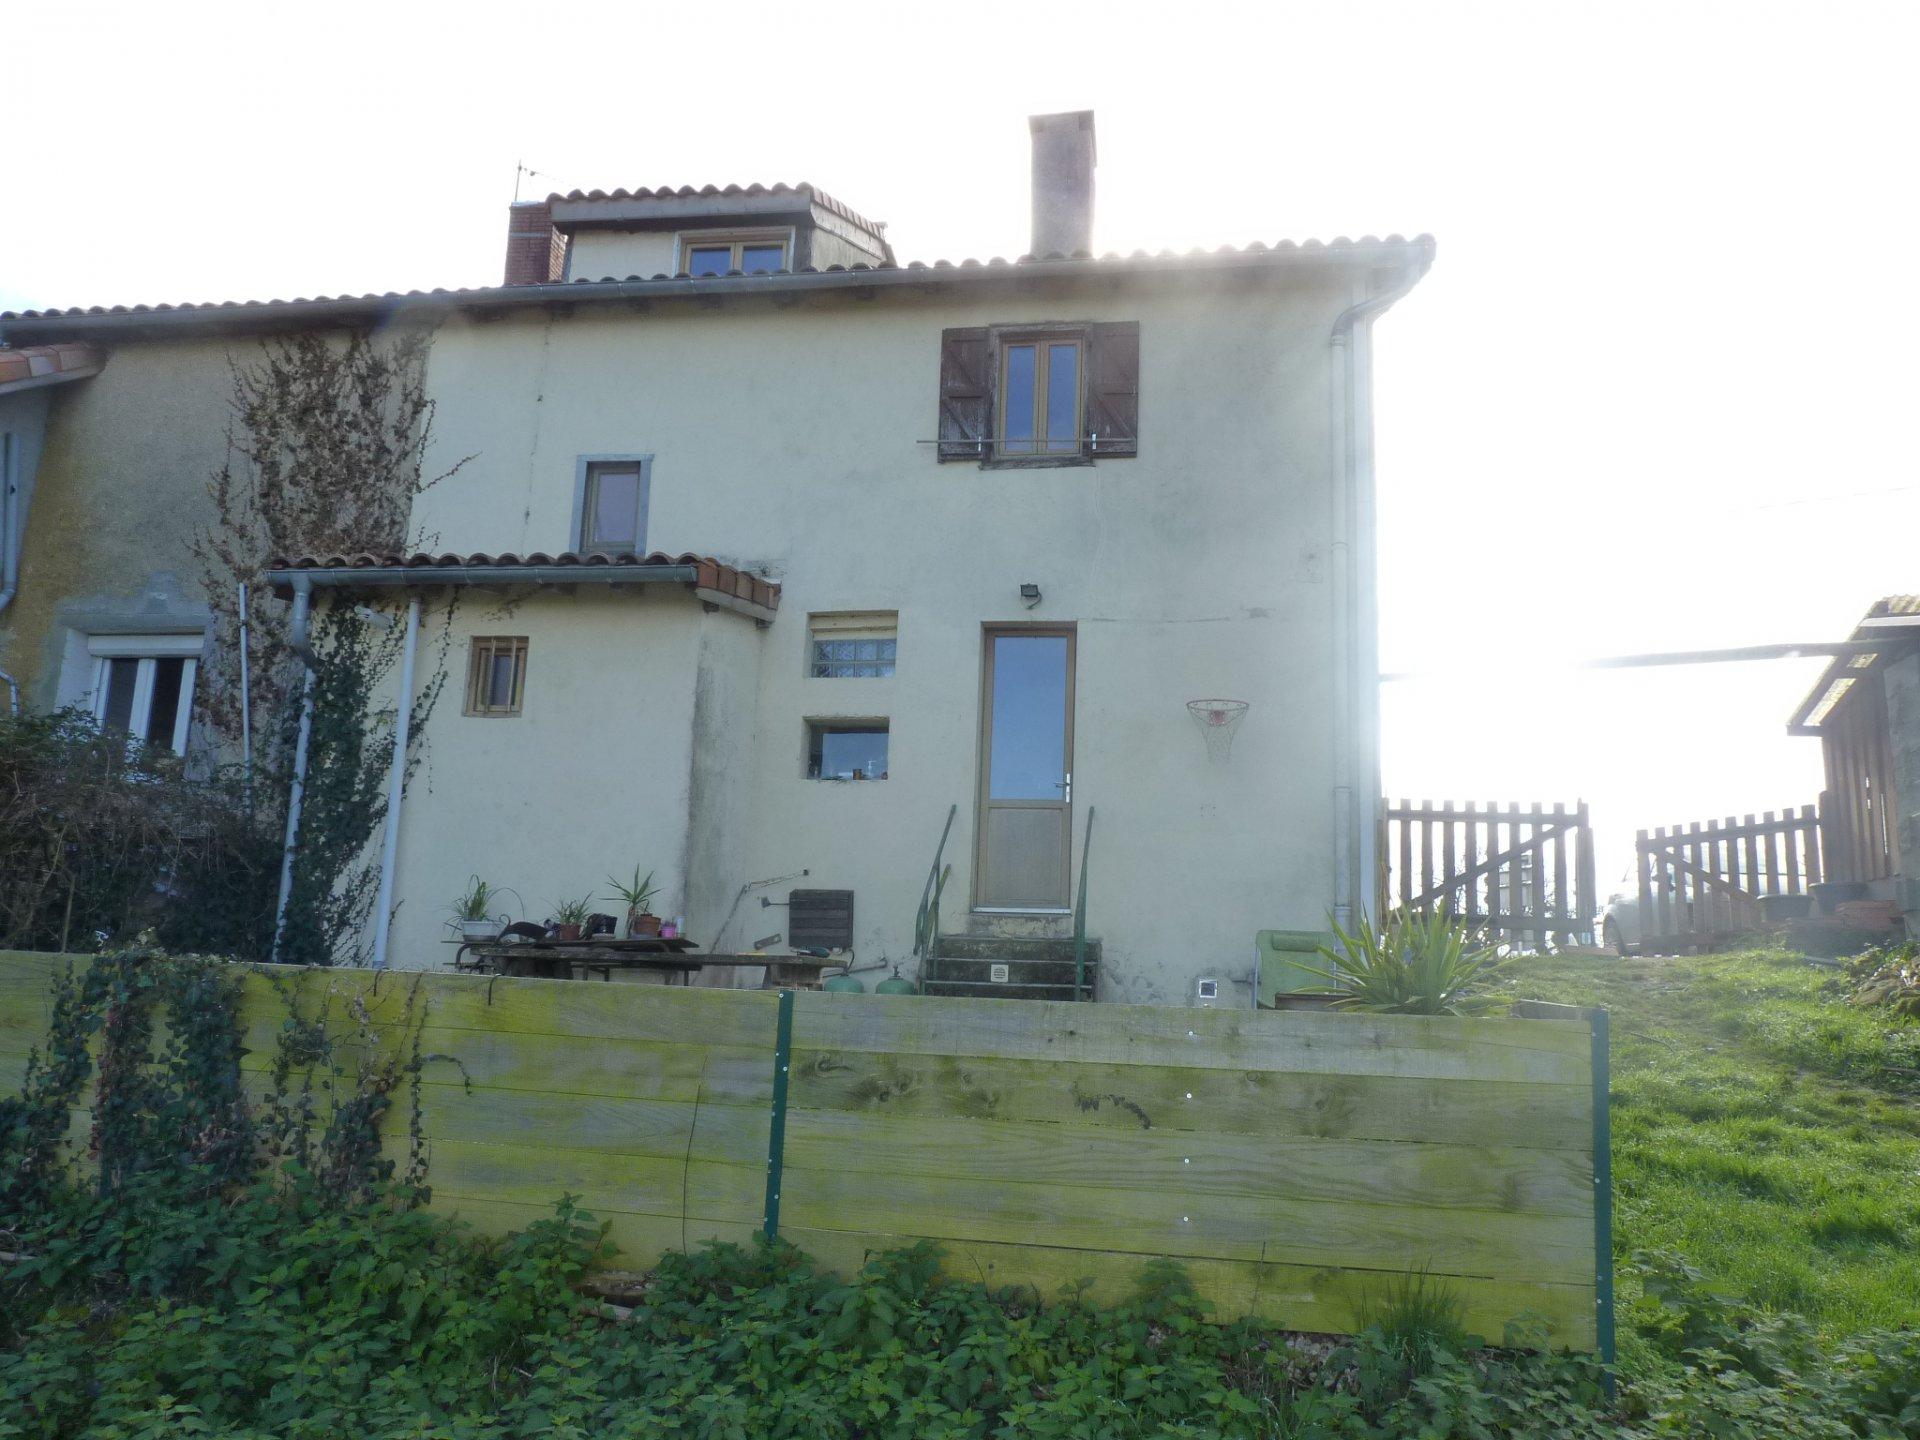 Proche de Castéra Vignoles, Commingeoise rénovée sur près de 2 hectares de terres